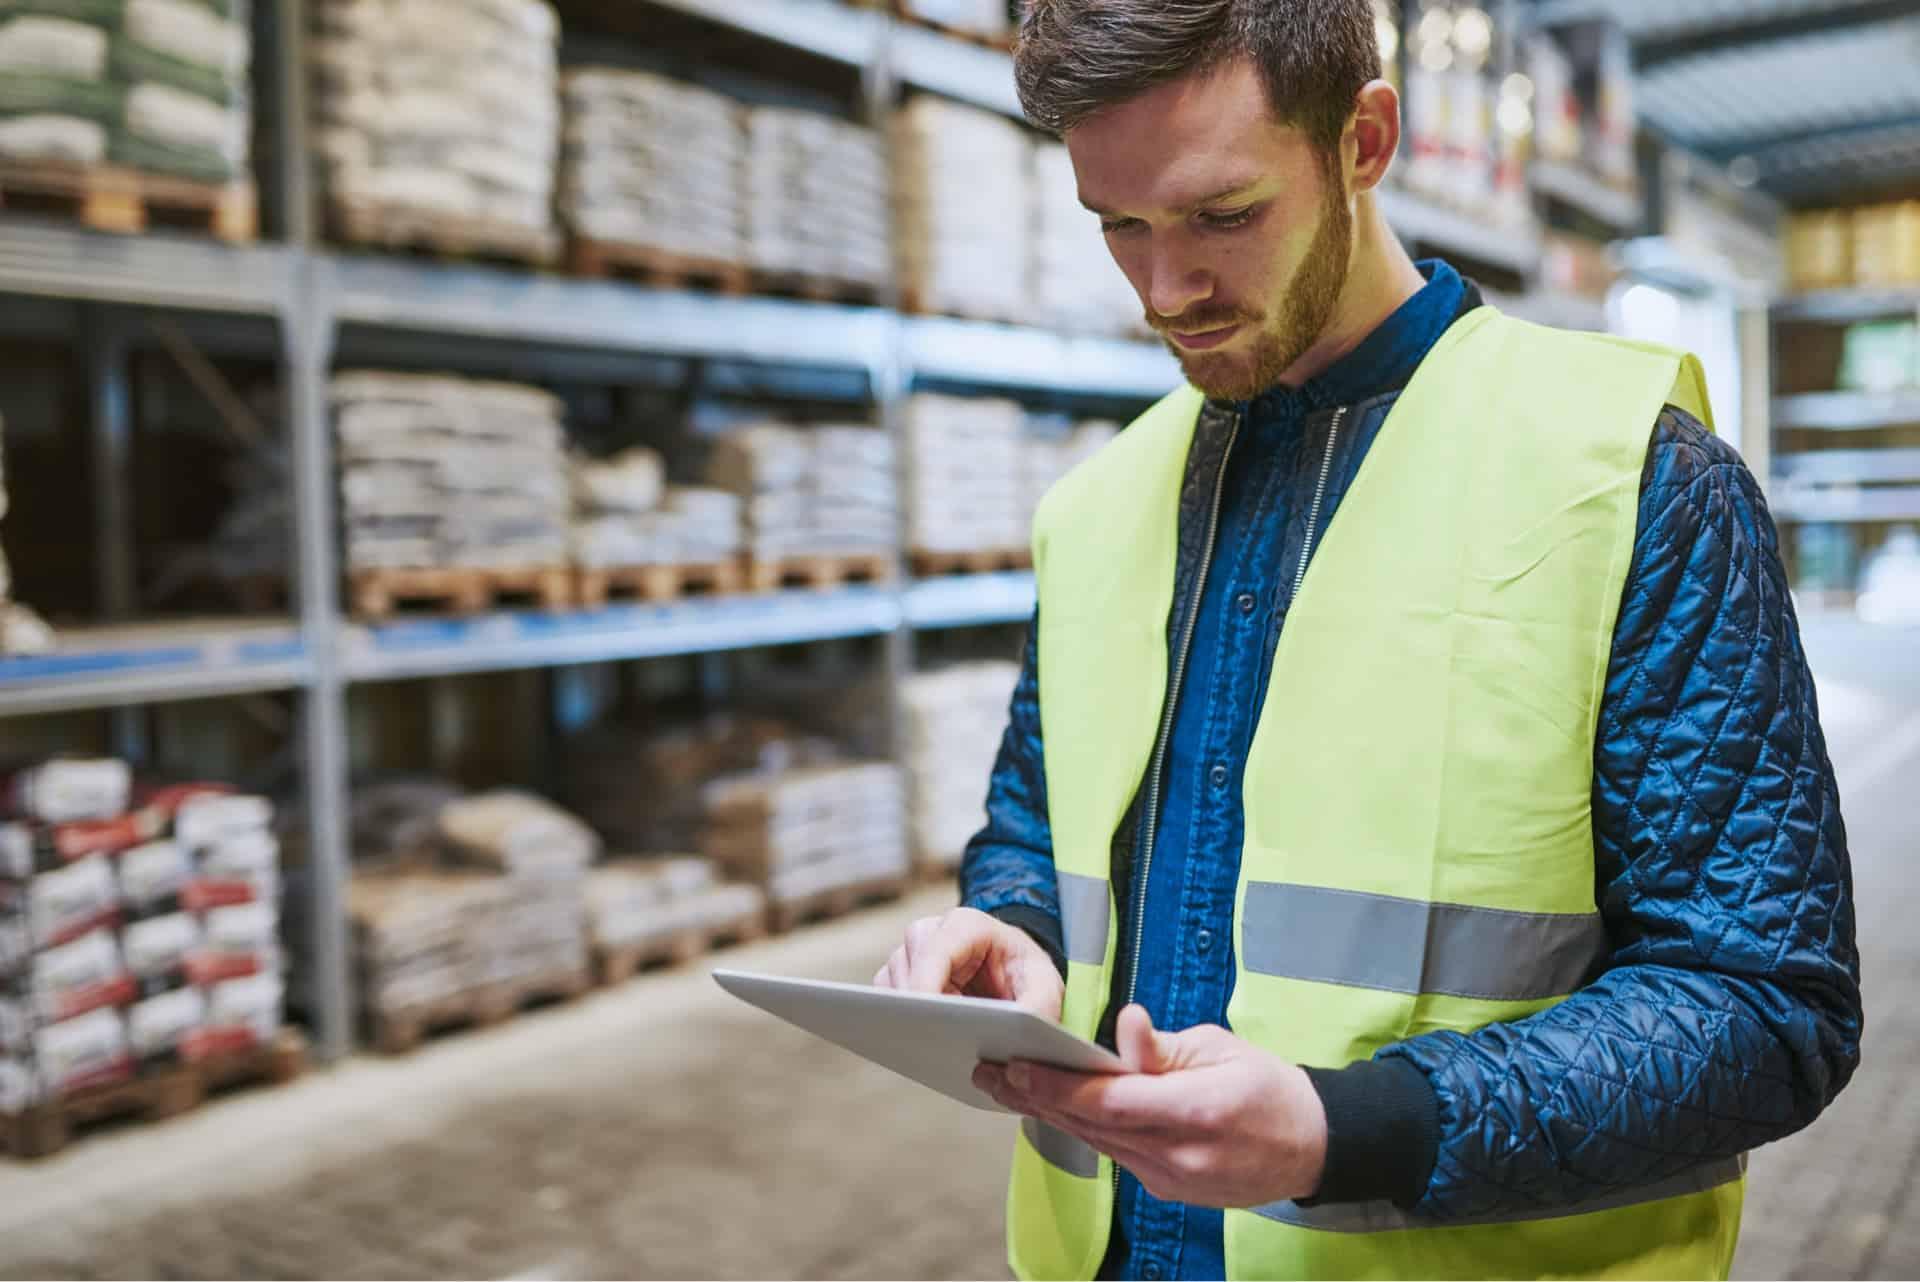 Neben dem exzellenten Beratungsservice, Material- und Verarbeitungsempfehlungen rund ums Bauen, halten wir die benötigten Baustoffe in Ihrer Nähe direkt vor.